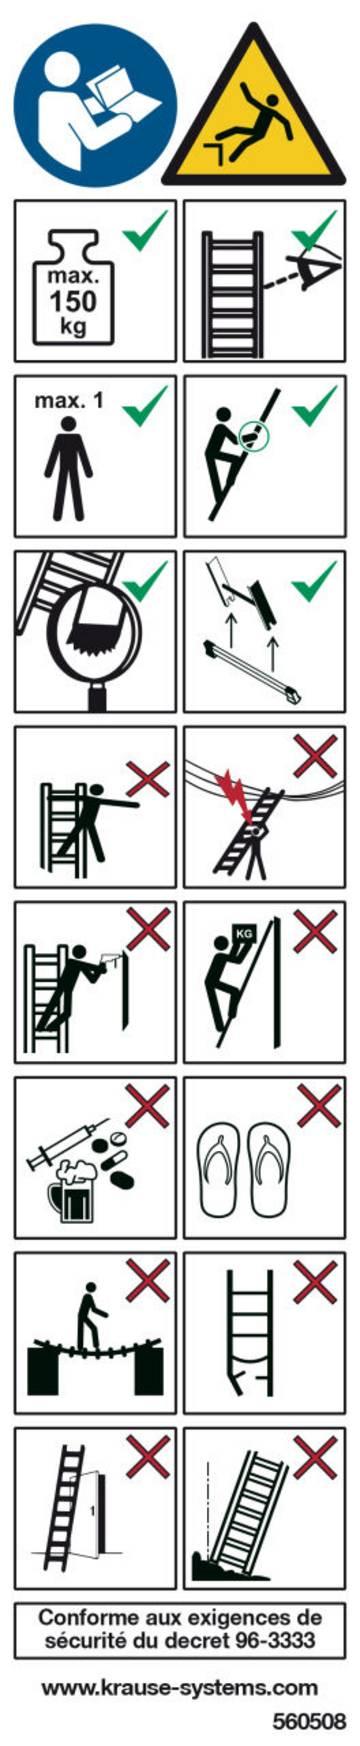 + Zur Kennzeichnung von Leitern und Tritten